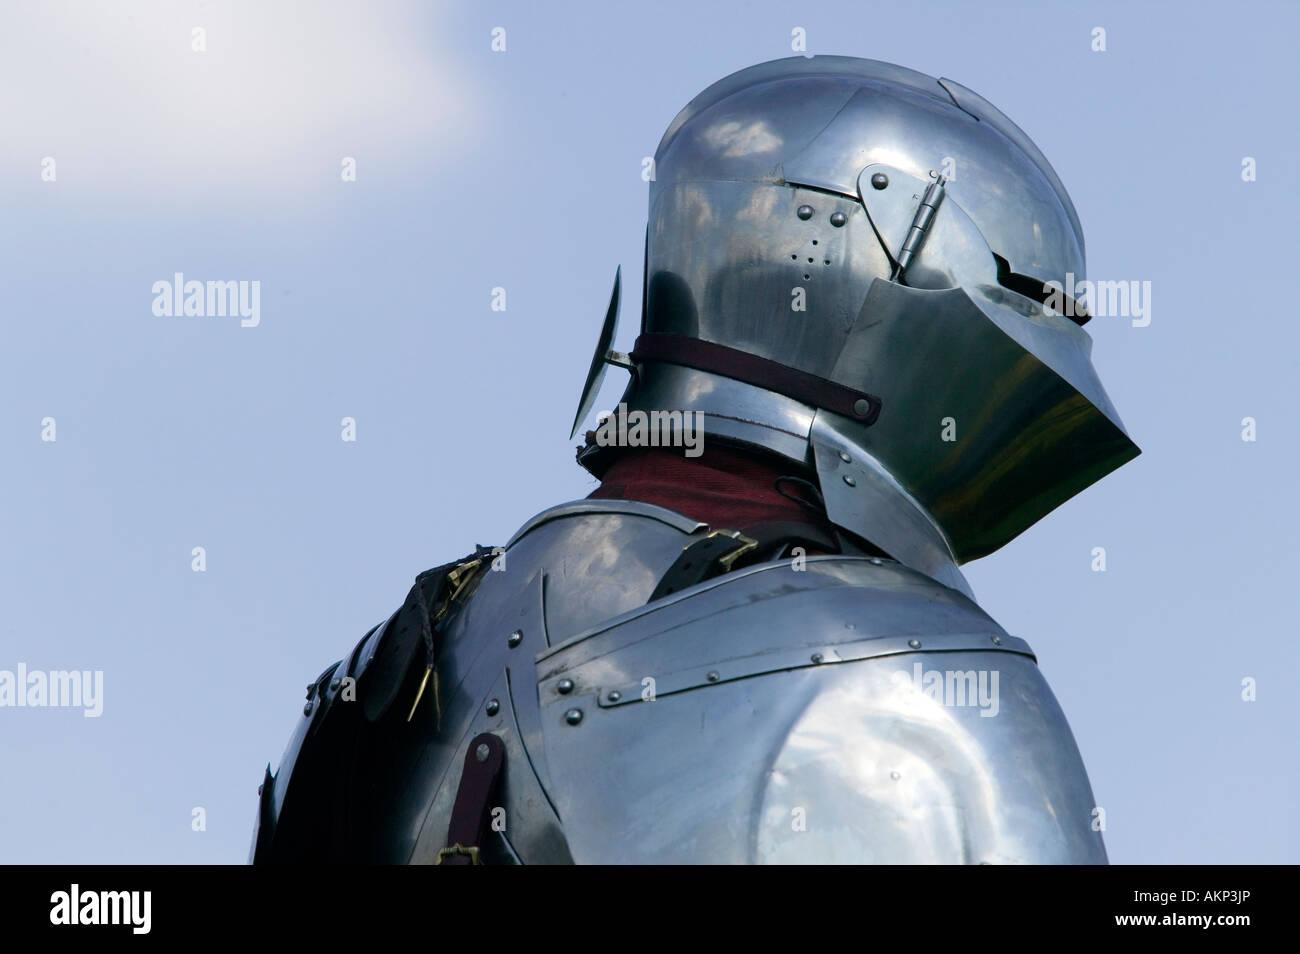 Mittelalterliche Ritter in Rüstung Stockbild